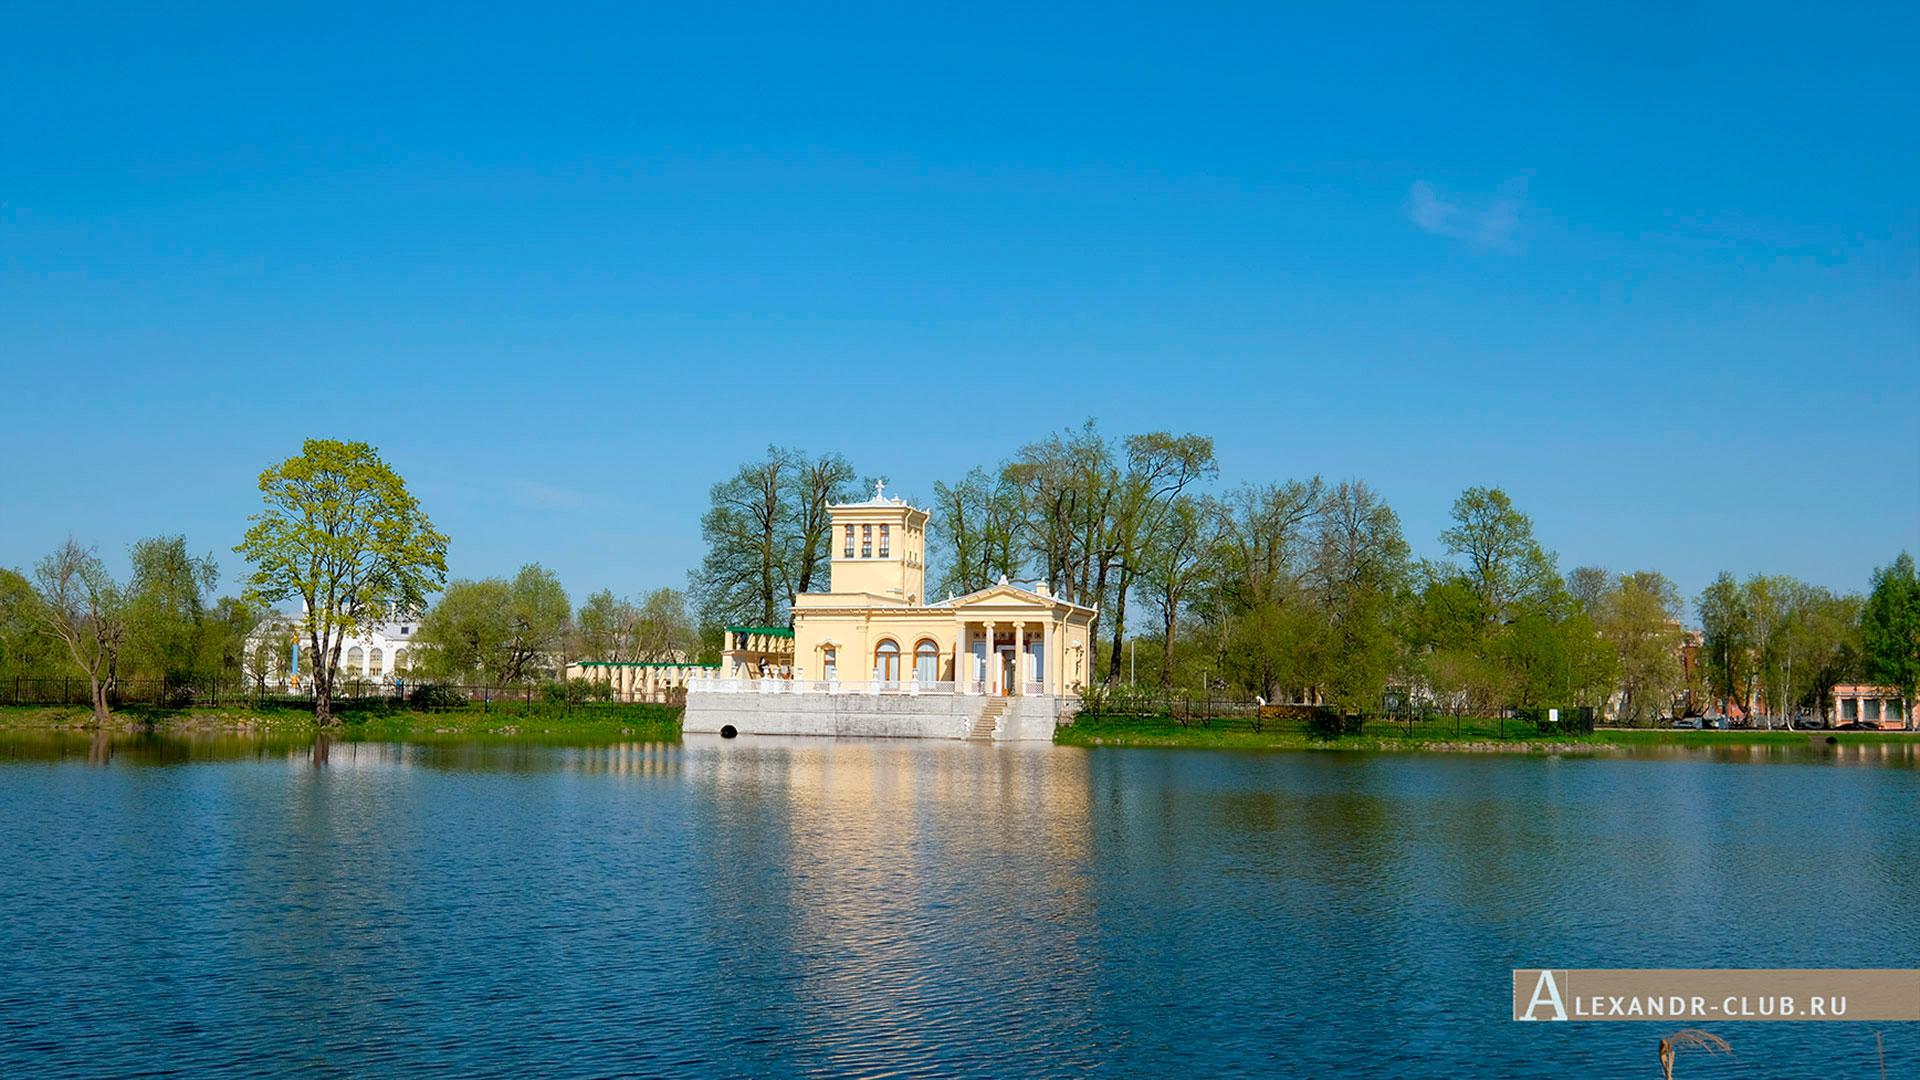 Петергоф, Колонистский парк, весна, Царицын павильон – 1